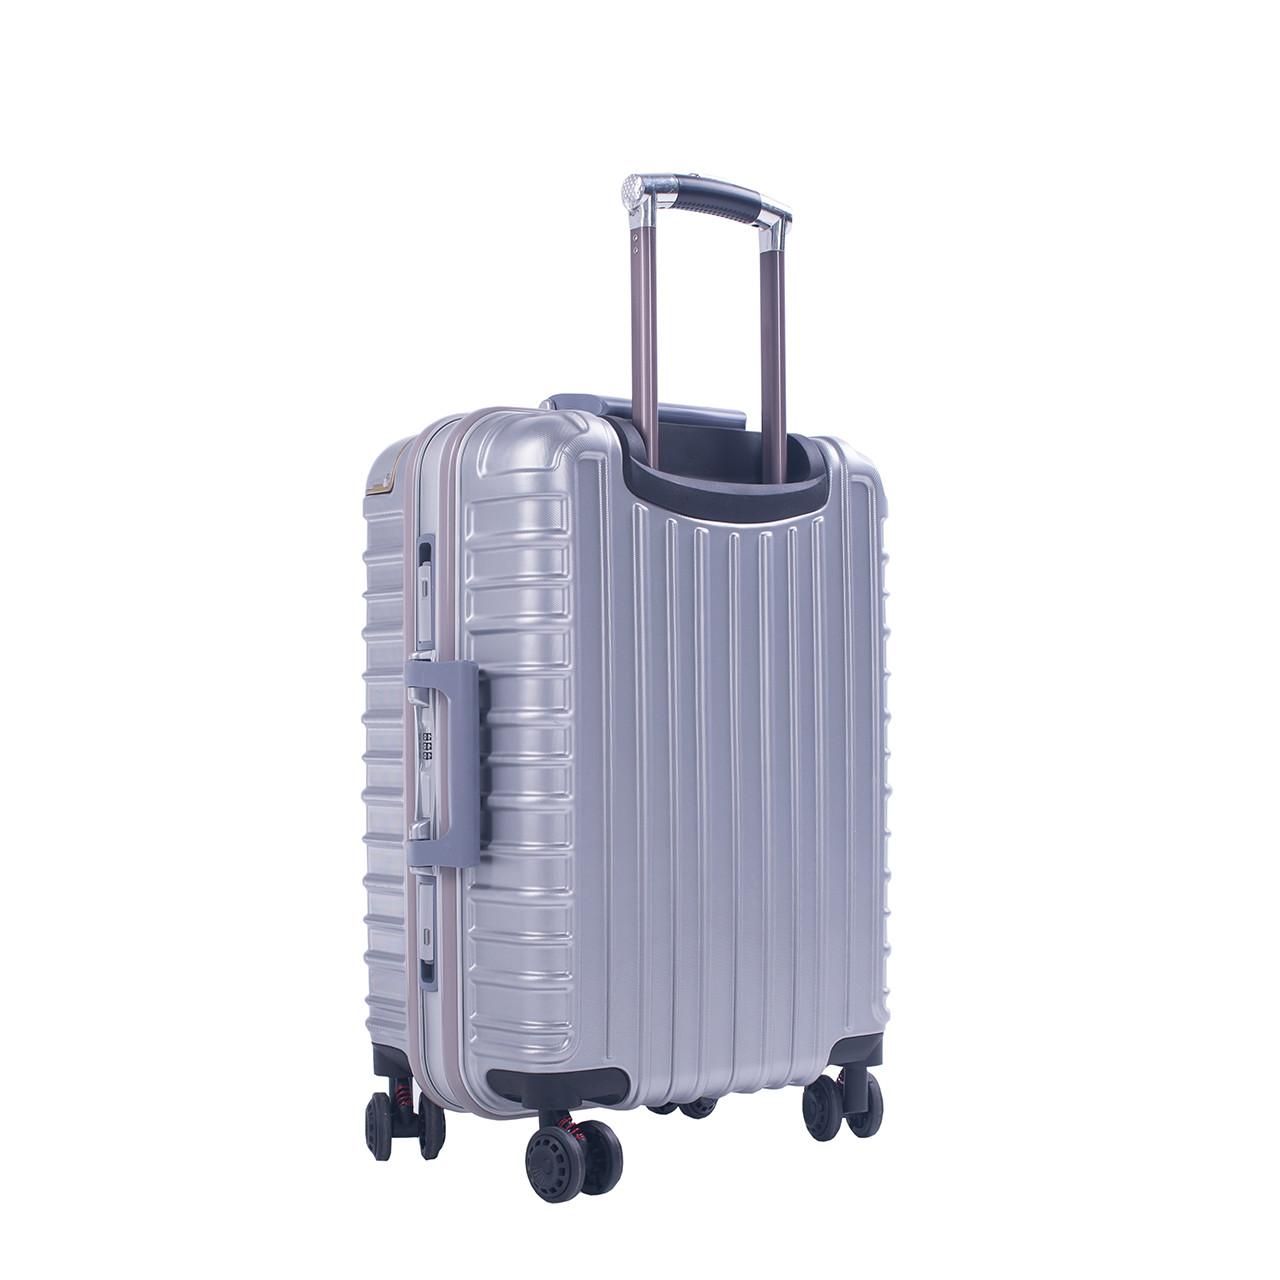 Чемодан BagHouse 4 колеса пластиковый, цвет серый 39х55х27 кс801мсер